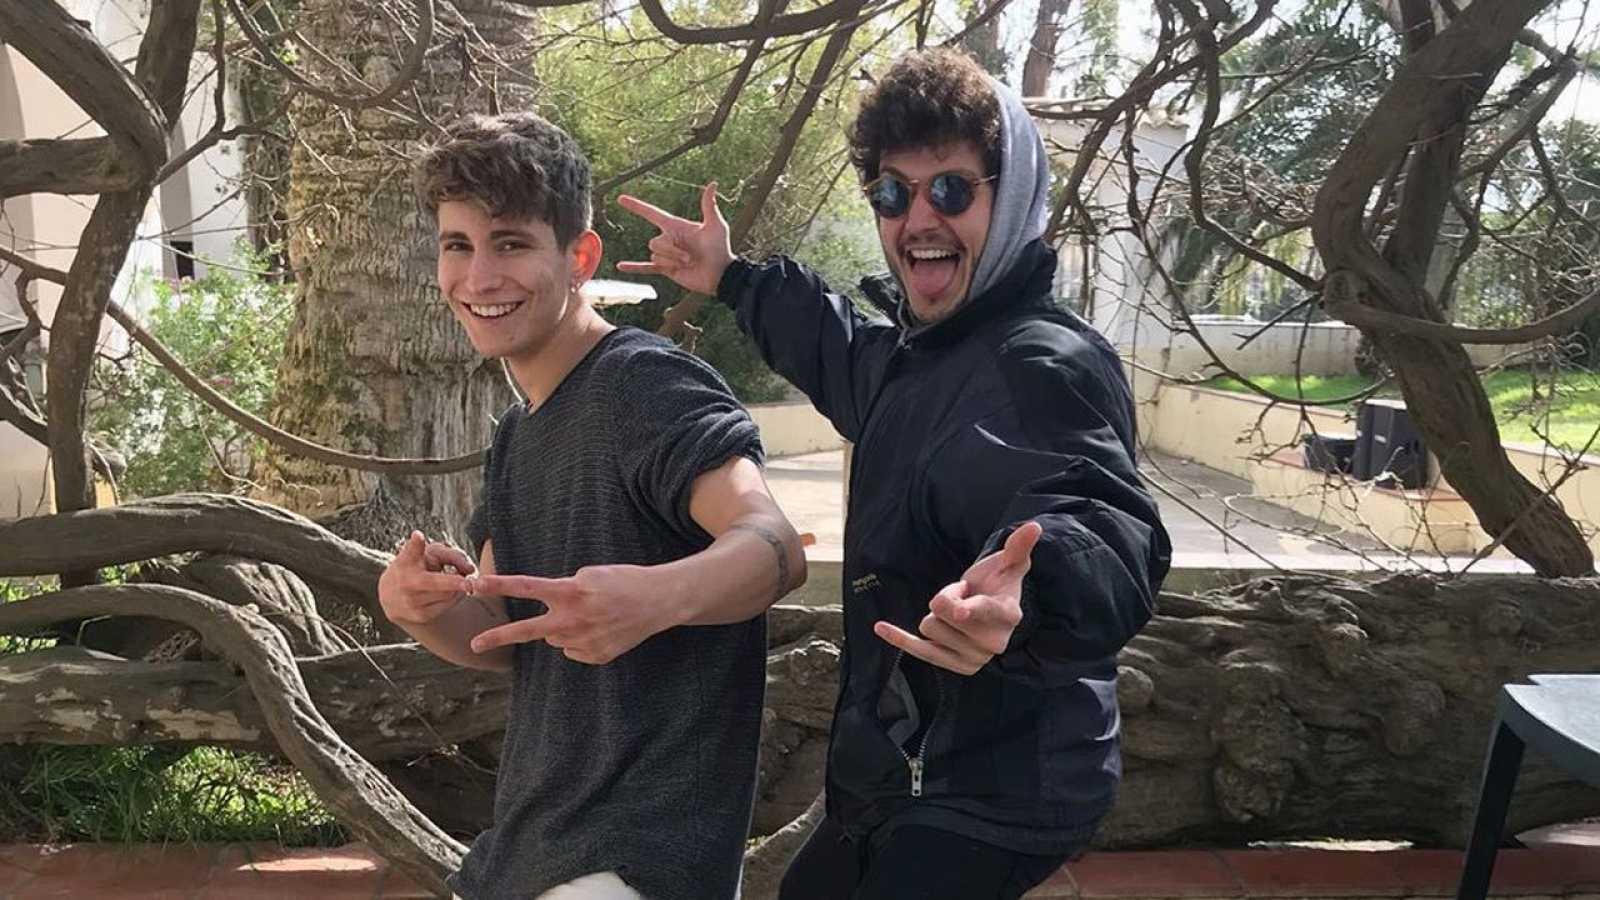 Nick y Miki han pasado juntos este fin de semana